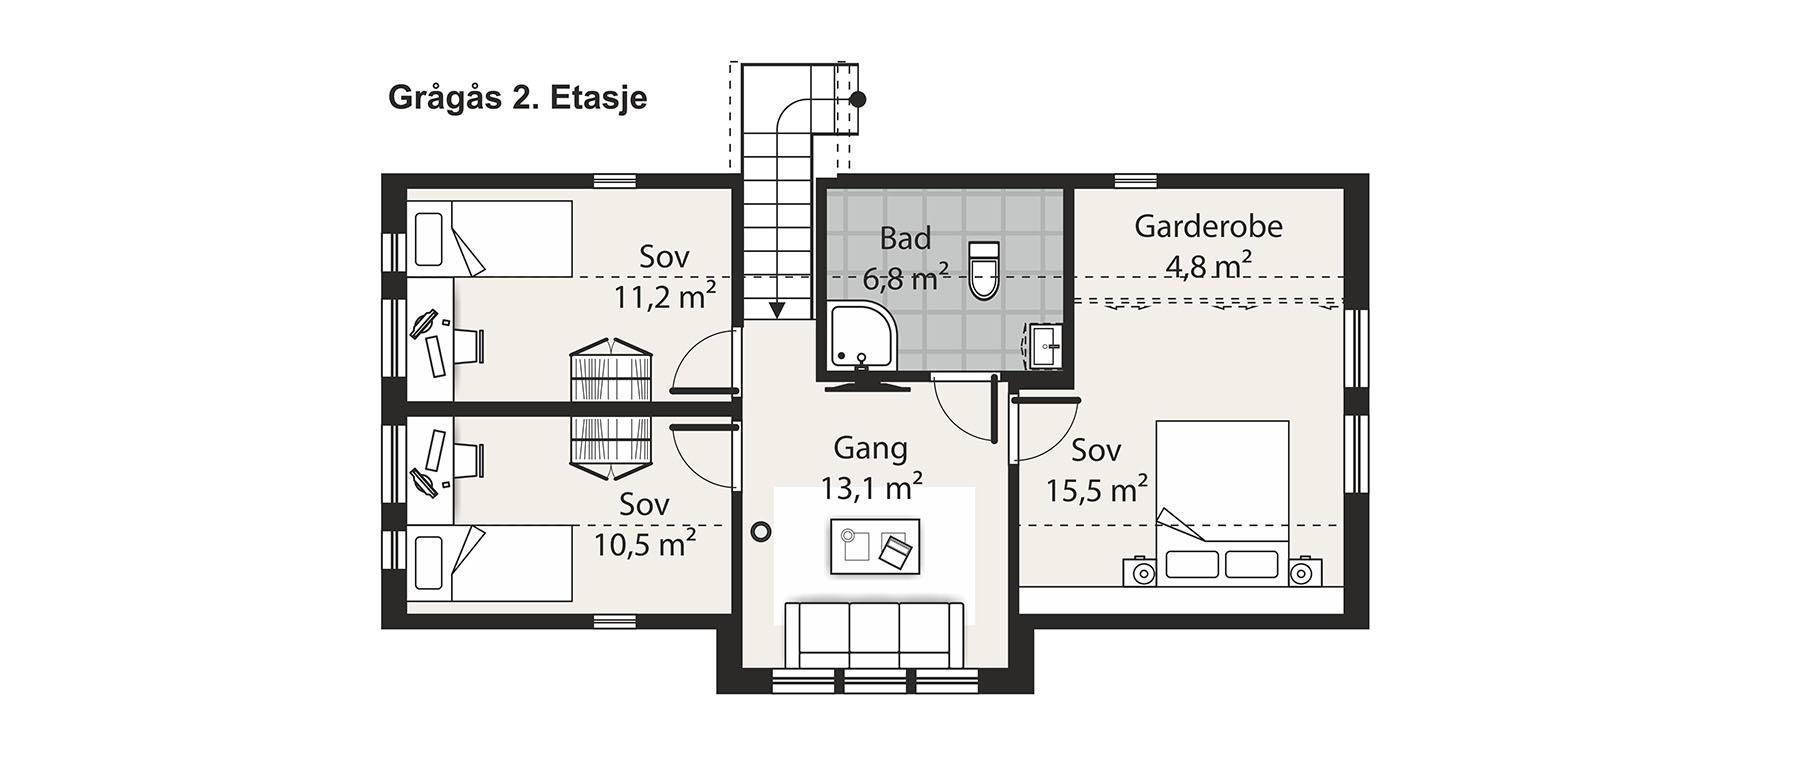 Grågås etasje 2